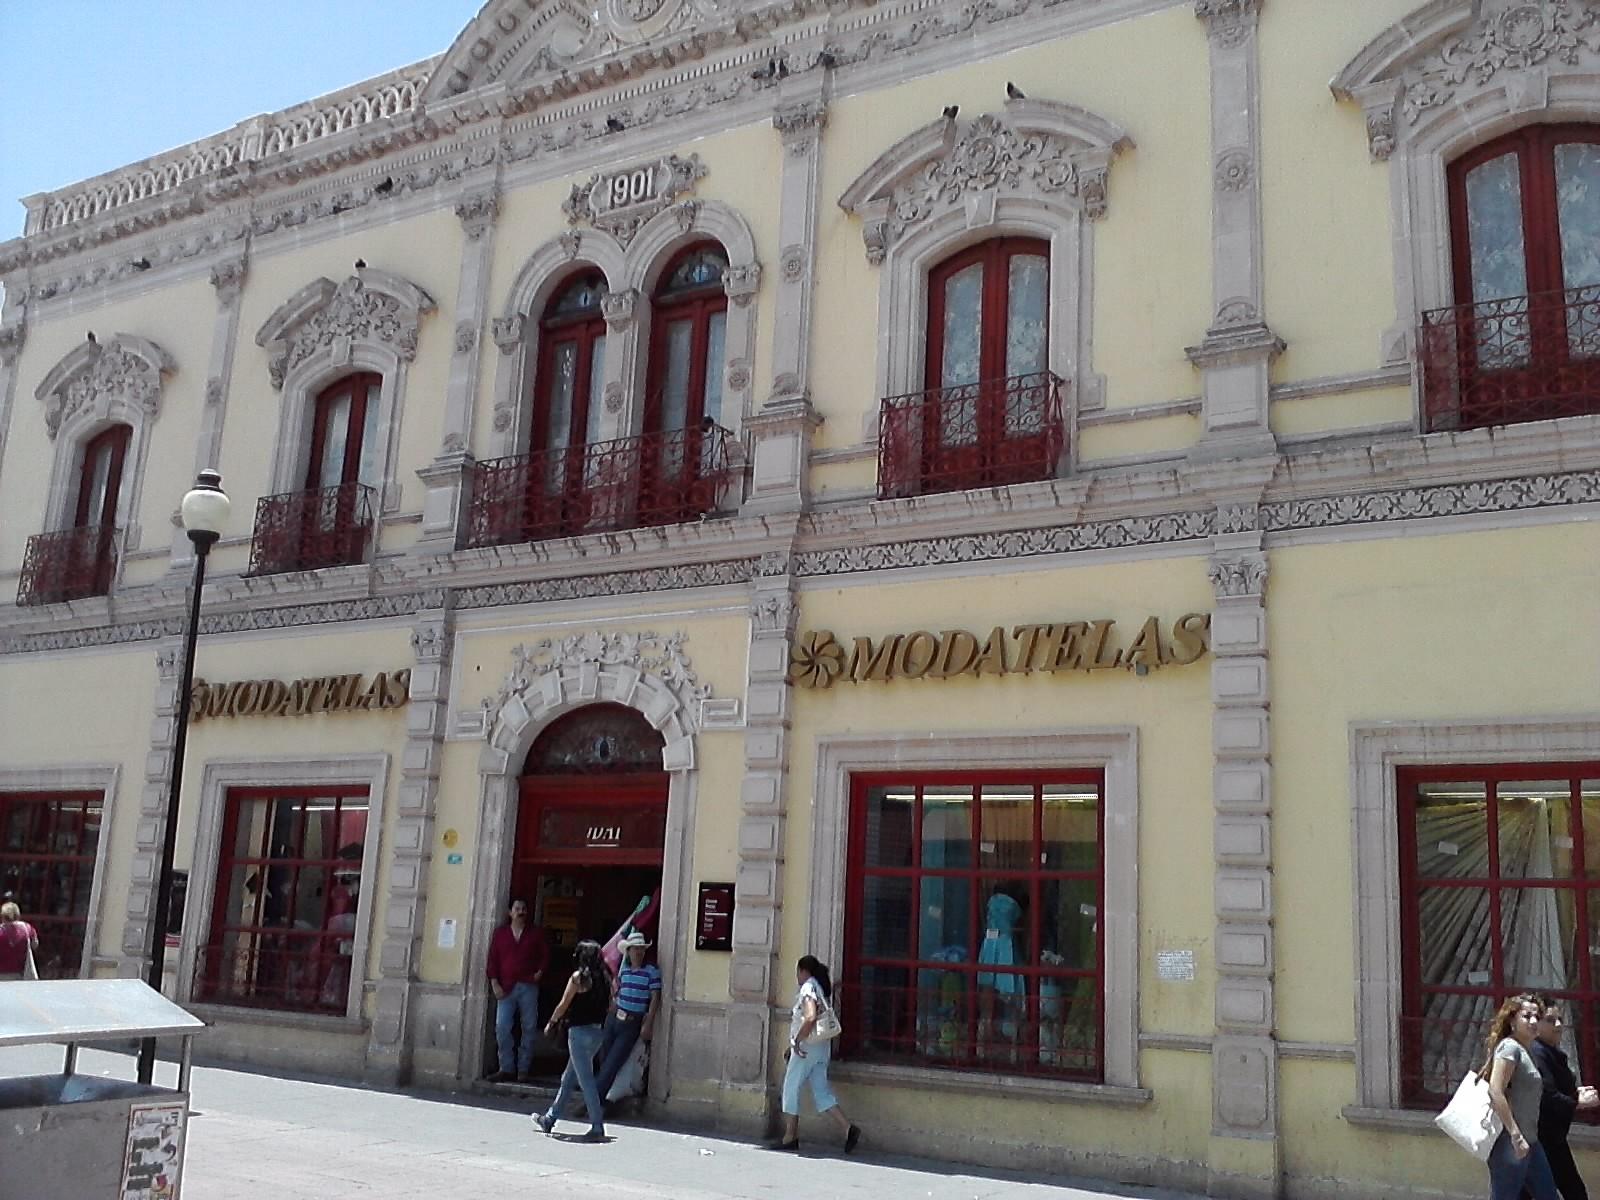 Bitacoraoscar el viejo centro de la ciudad de chihuahua belleza vida y memoria - La muebleria ...